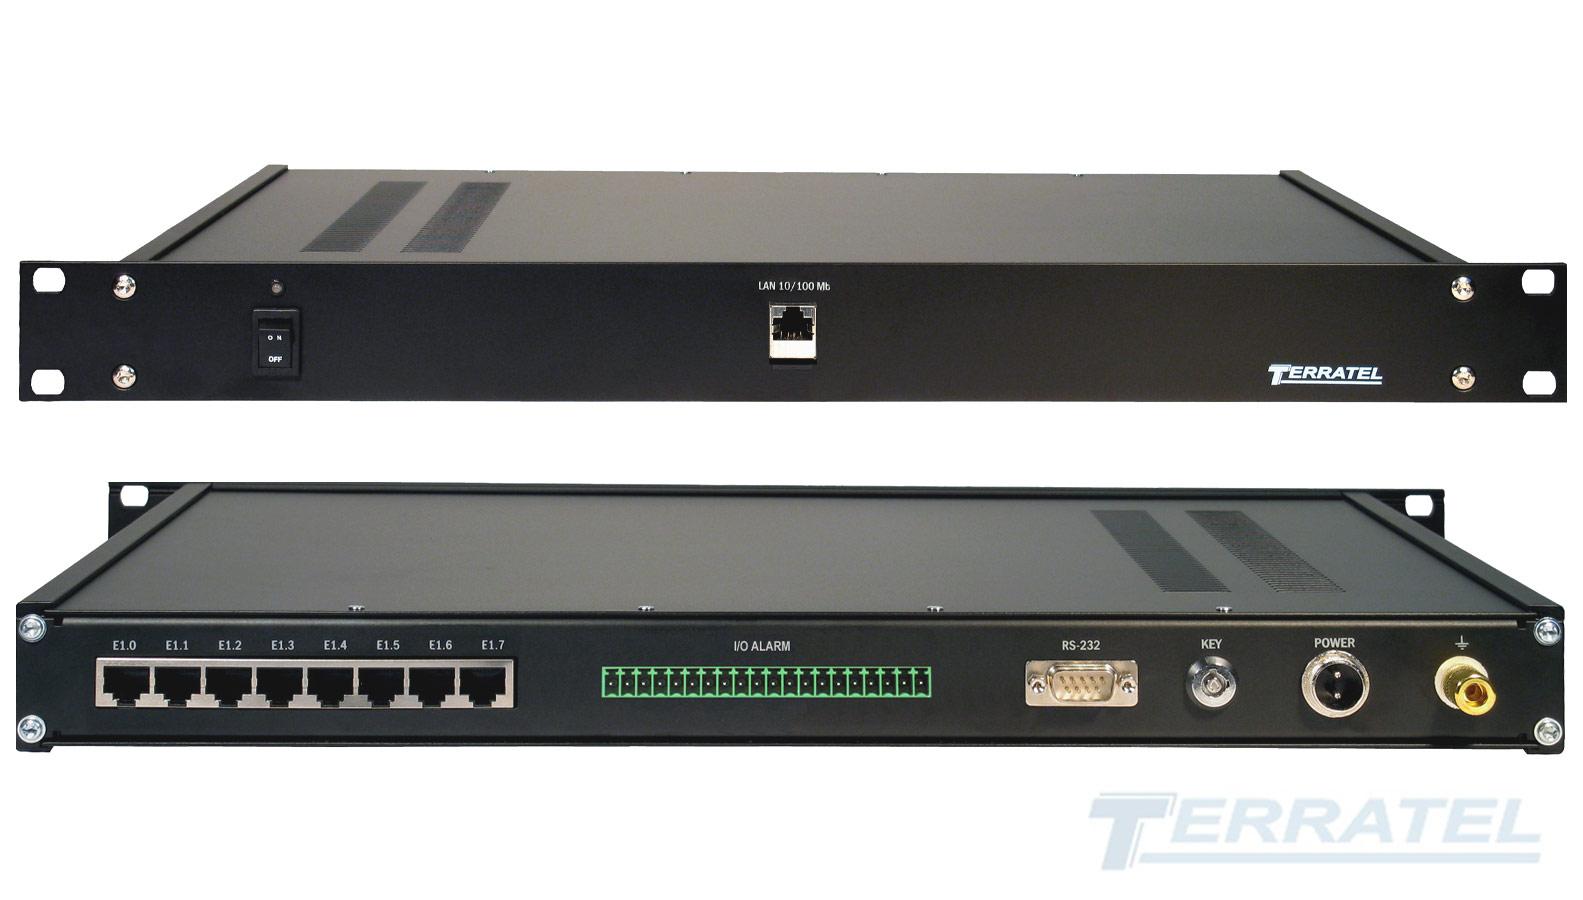 Фото SIP/E1 Gateway Access Control, мониторинг и контроль температуры, влажности, наличия сети 220В